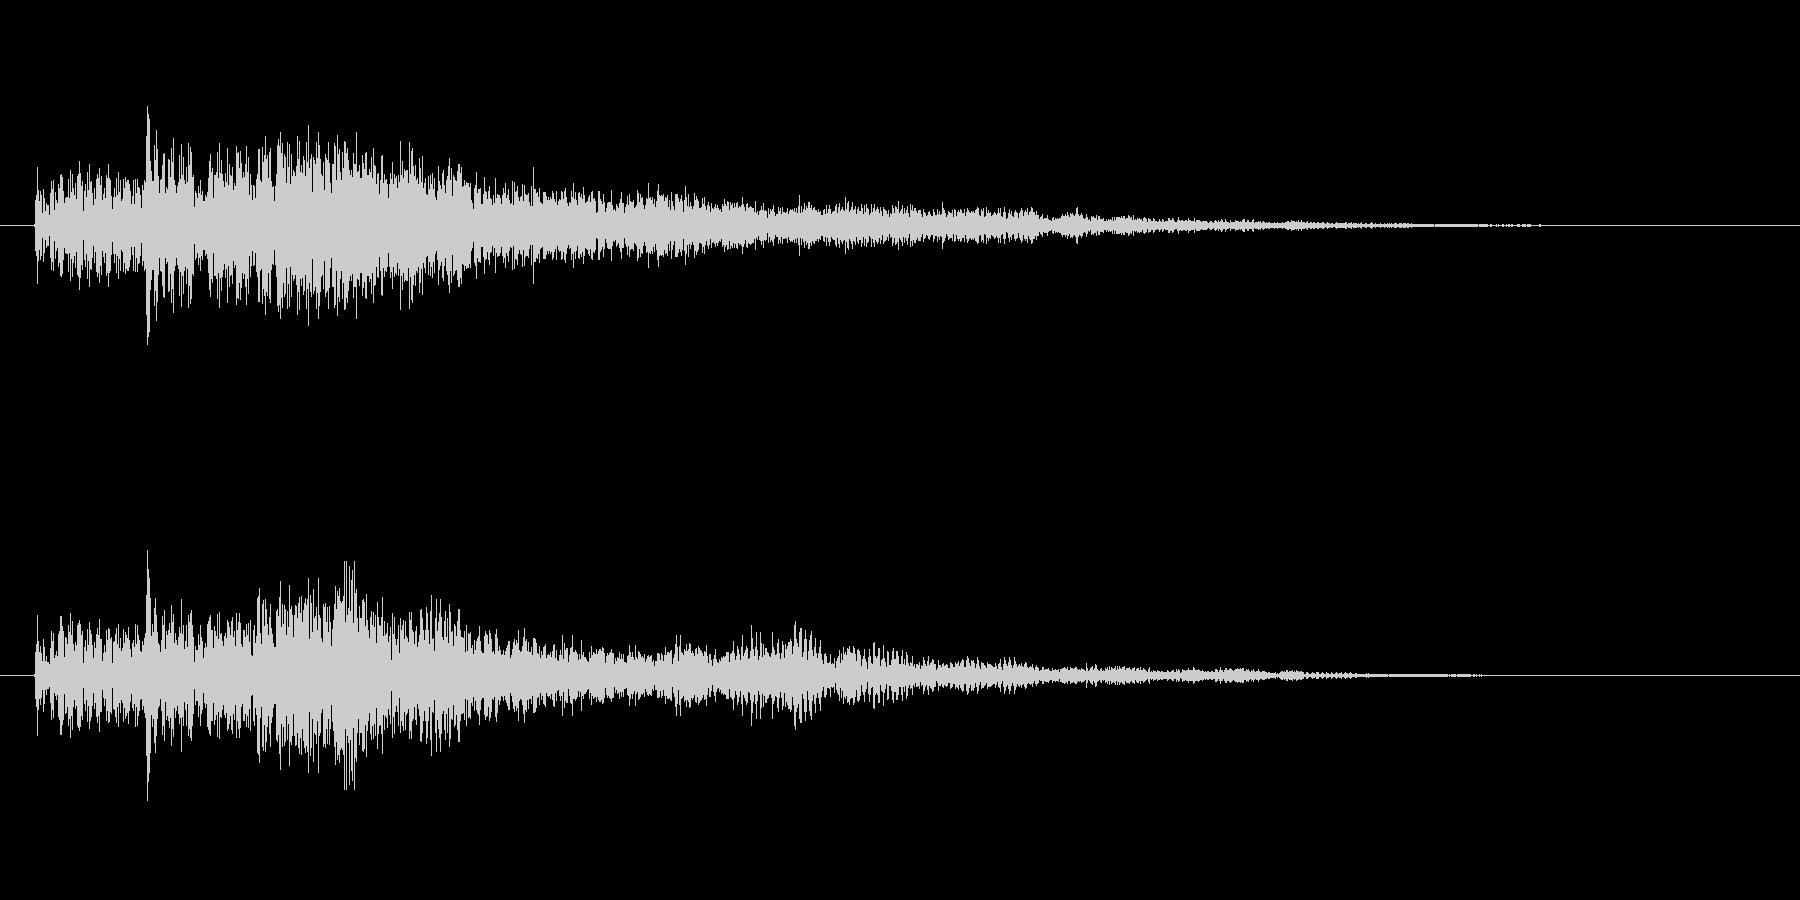 レベルアップ用音源オーケストラテクノ音源の未再生の波形